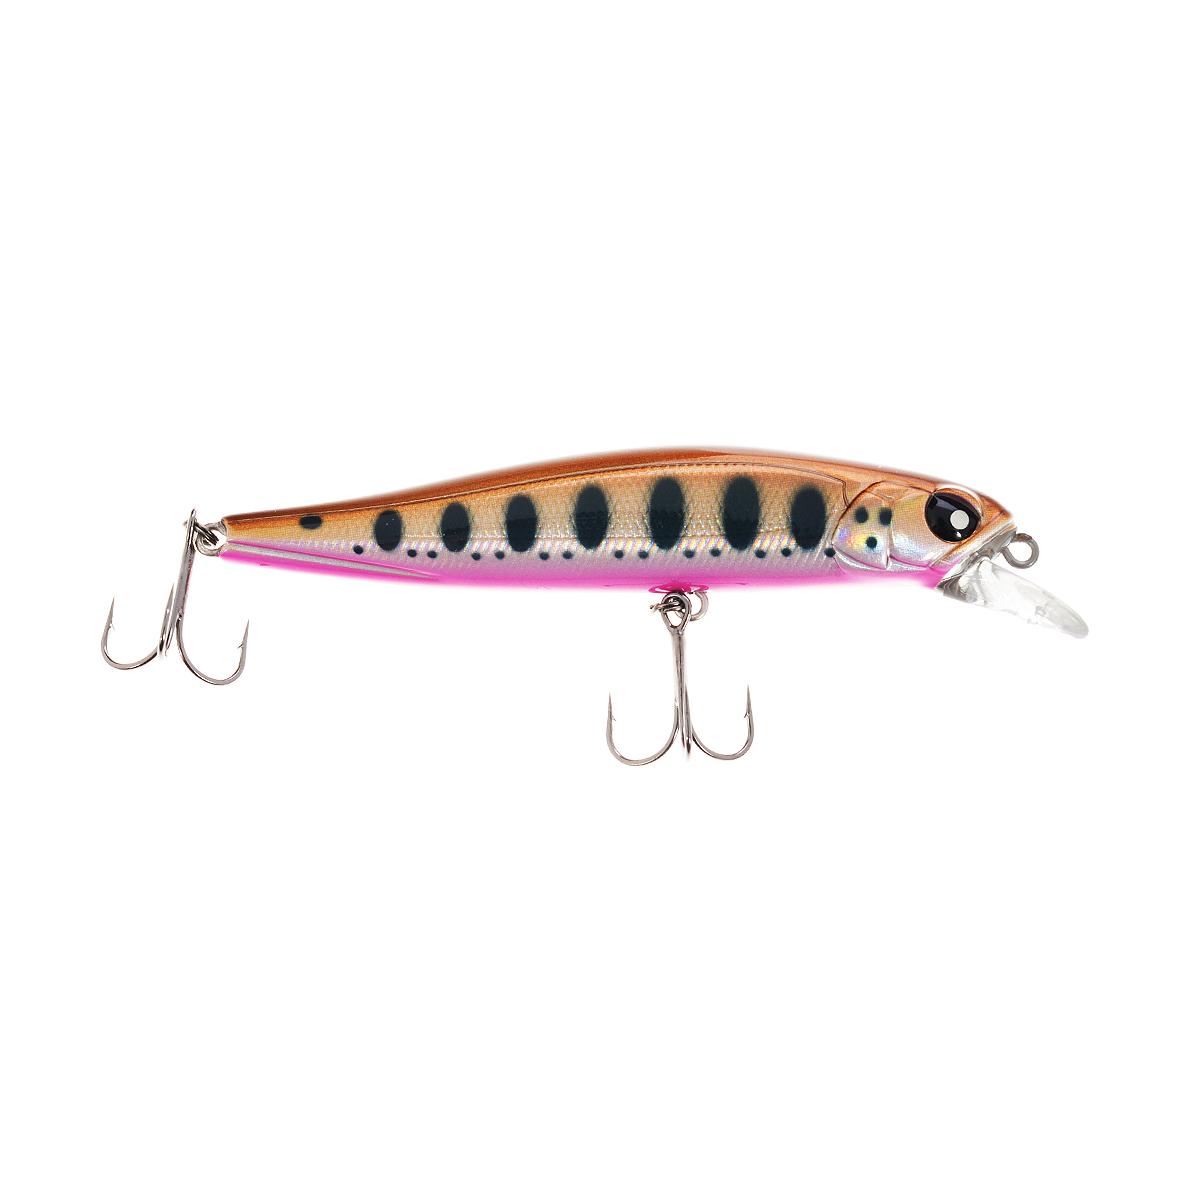 Воблер плавающий Lucky John Basara, цвет: коричневый, черный, розовый, 9 см, 10 г06/4/07Lucky John Basara - прогонистый воблер класса твичбейт. Это плавающая приманка с увеличенной лопастью заглубления (LBF). Благодаря системе MCS, воблер обладает превосходными полетными характеристиками и позволяет производить приманкой очень агрессивную проводку. Основной объект ловли: любая хищная рыба.